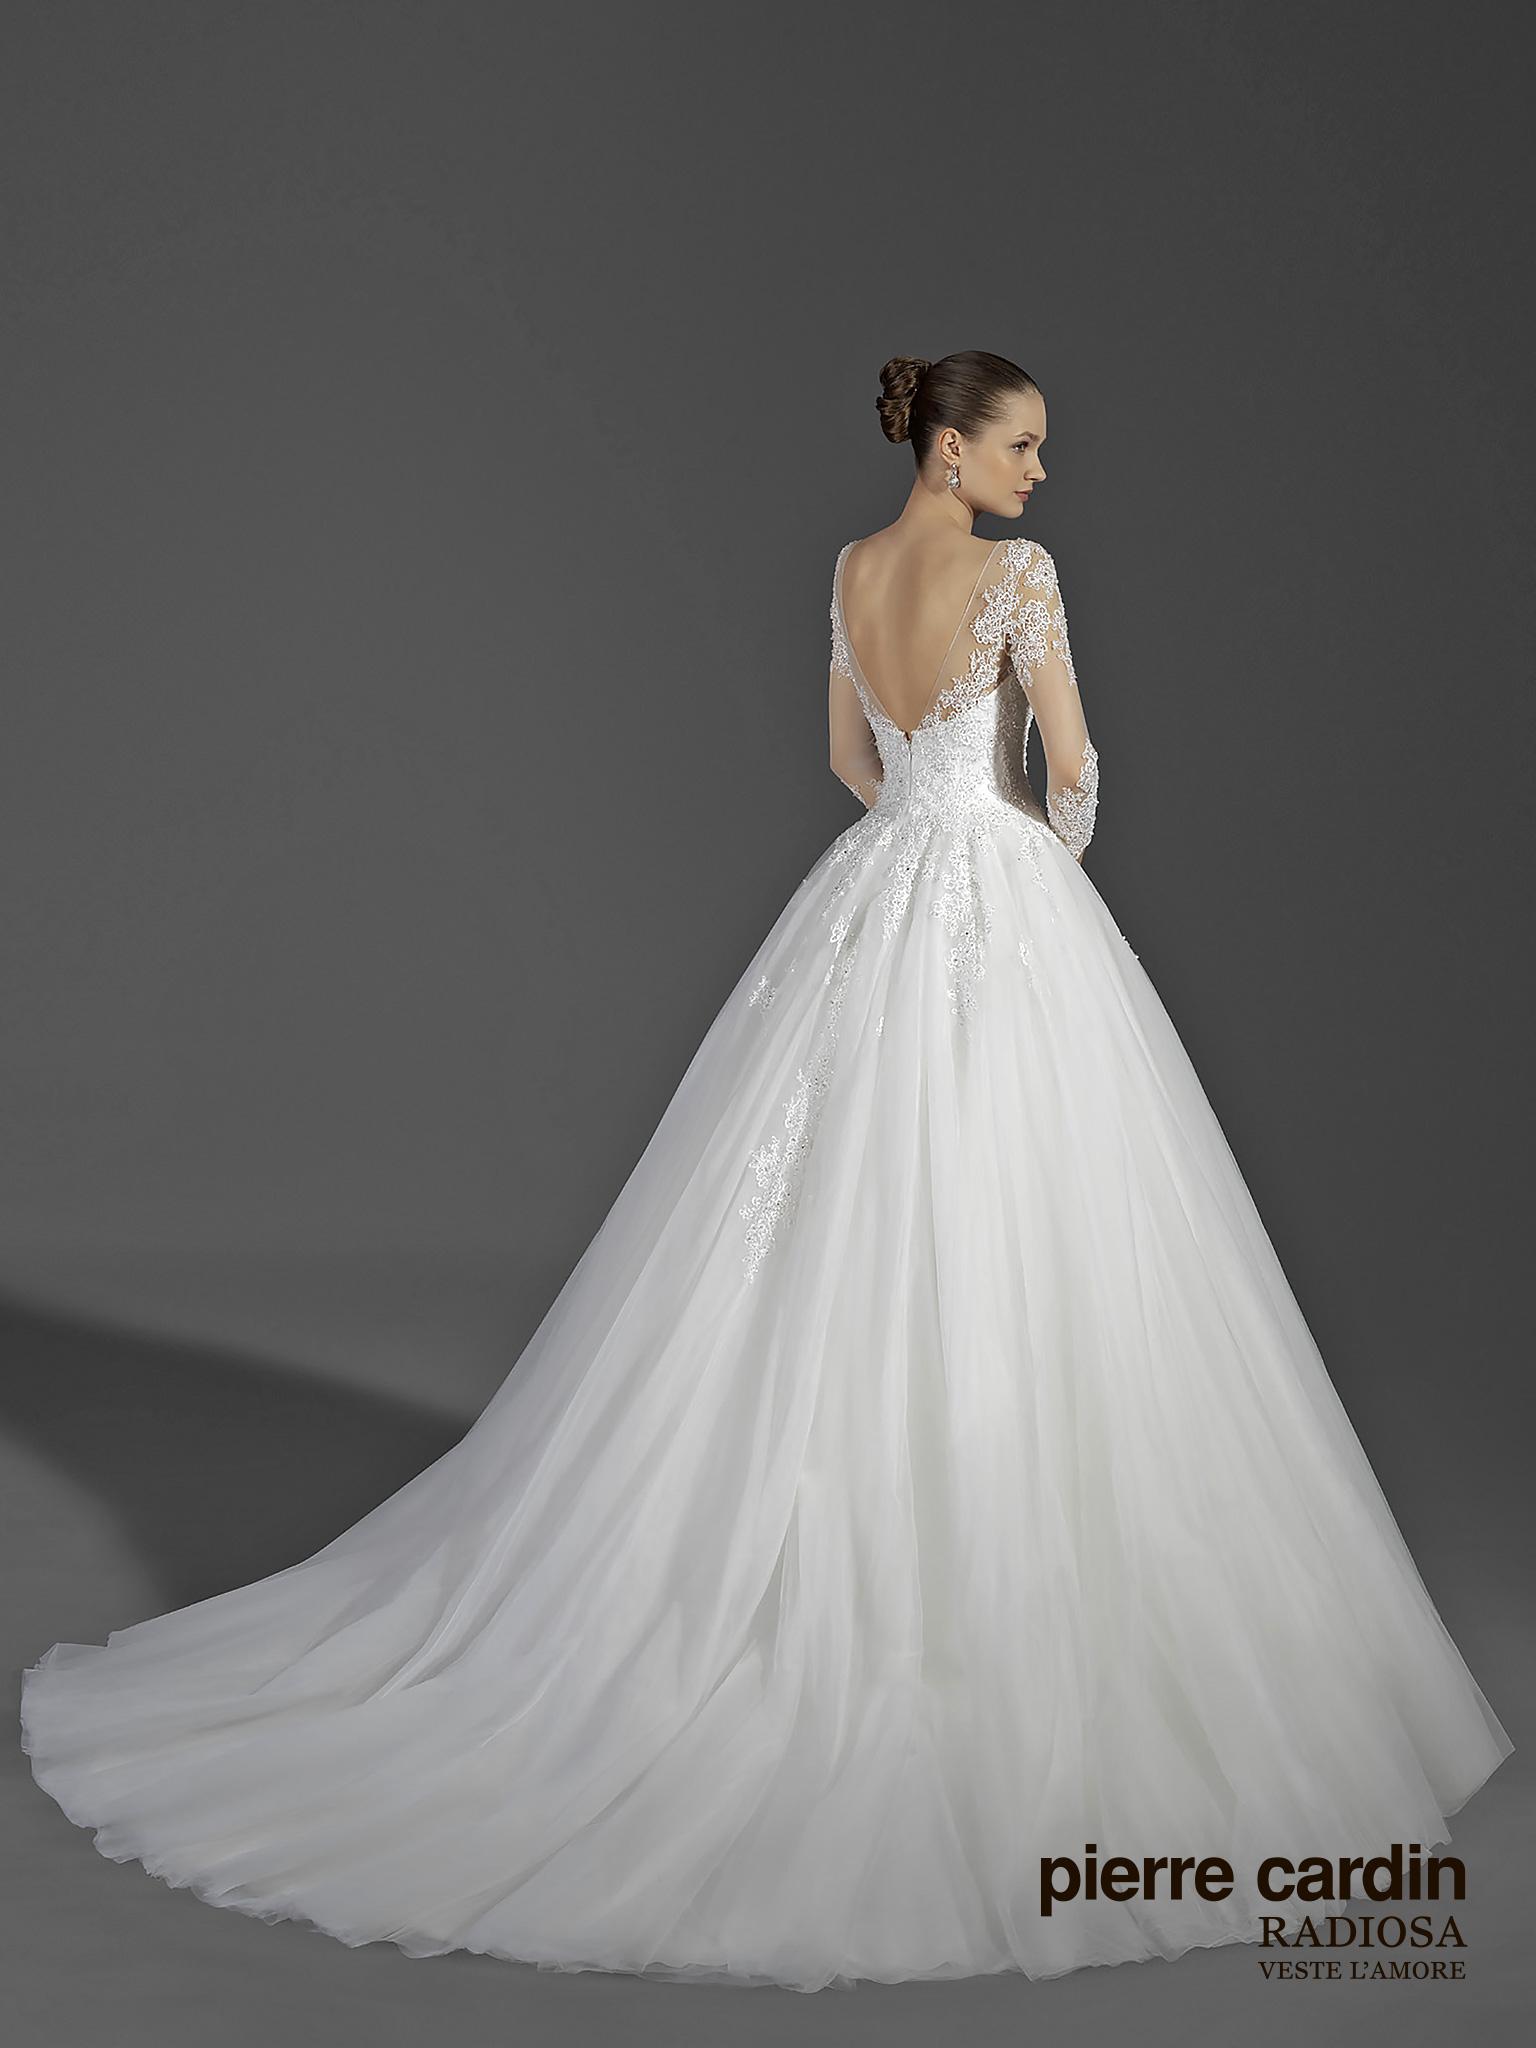 e7ce9437069 Купить пышное свадебное платье Pierre Cardin в Москве - Свадебный ...